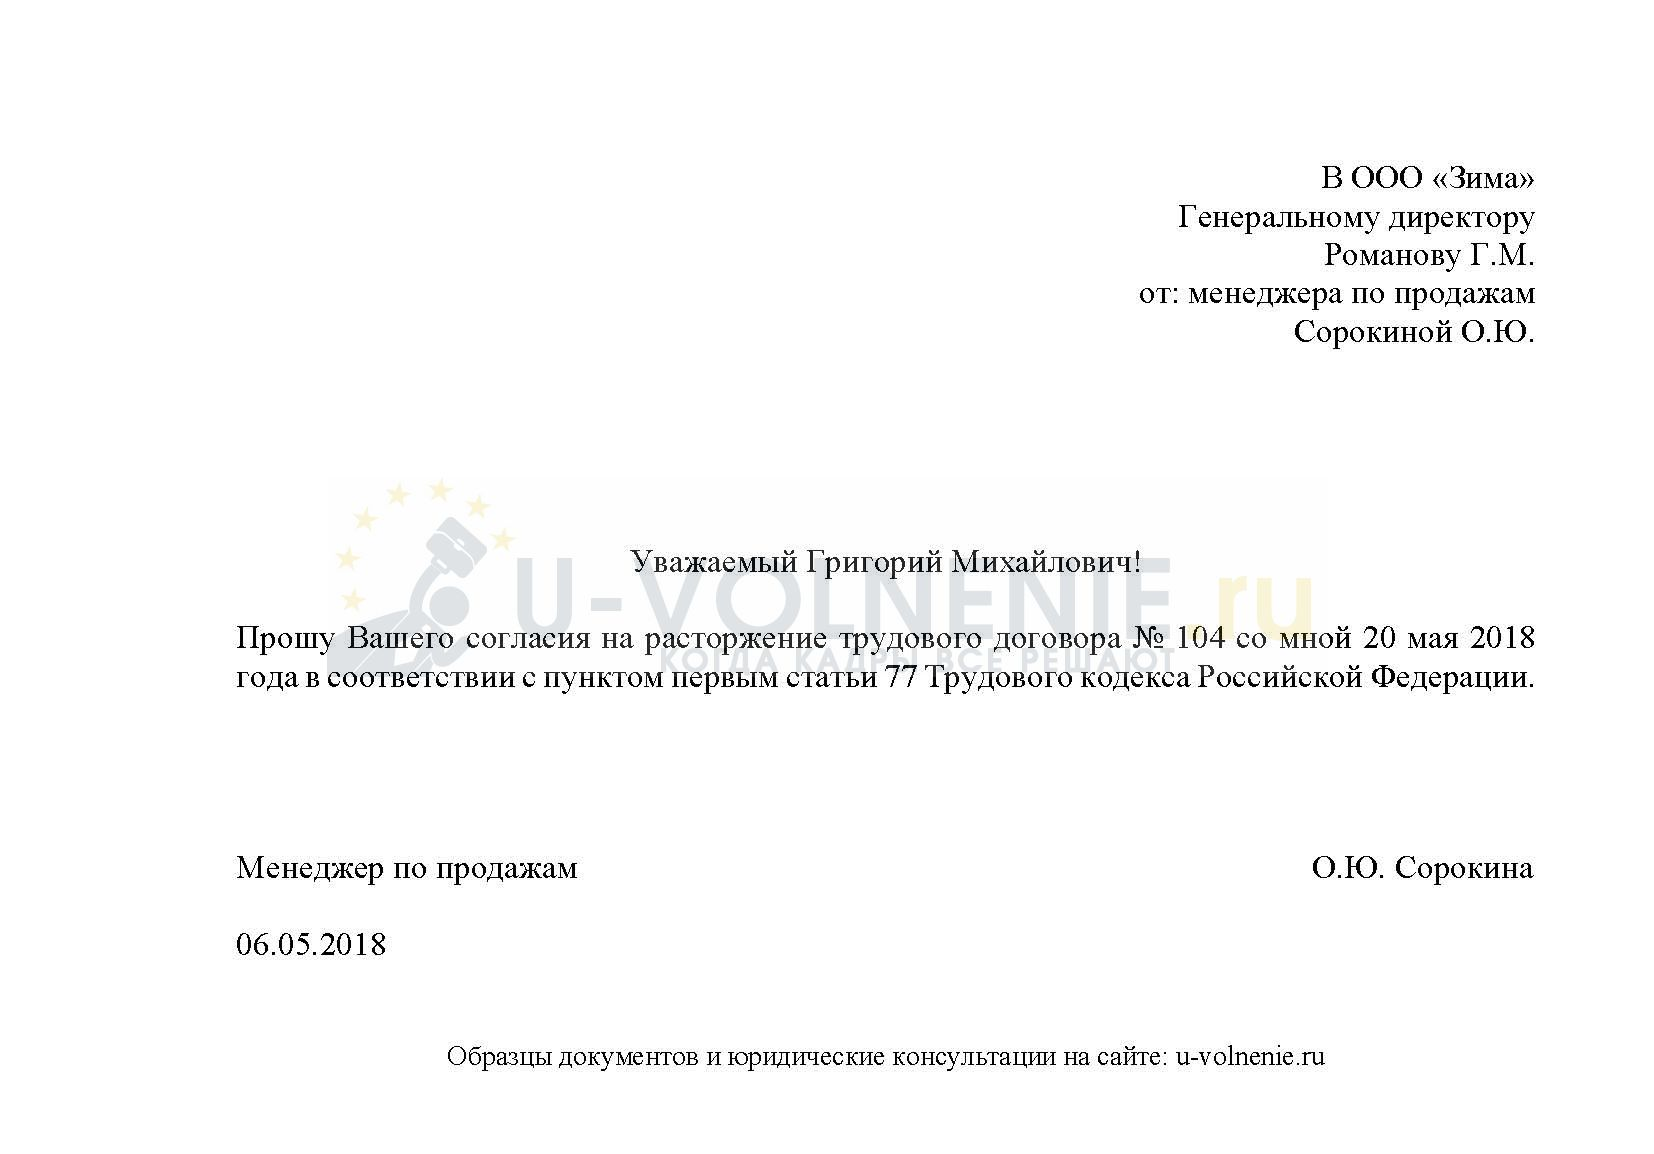 Образец заявления на увольнение по соглашению сторон